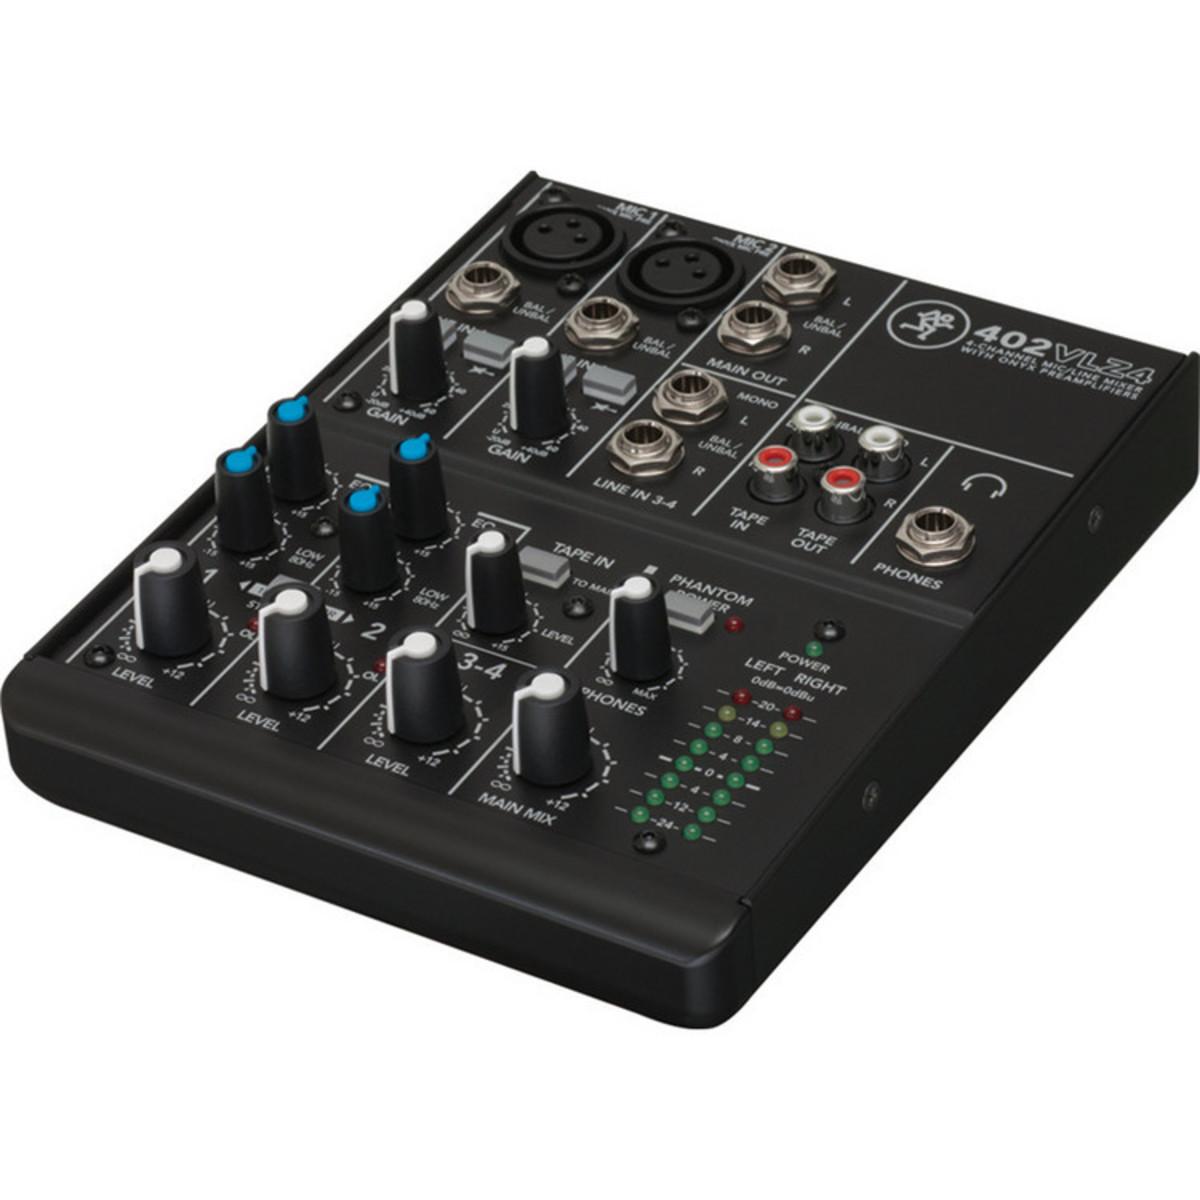 Photo audio video mixer